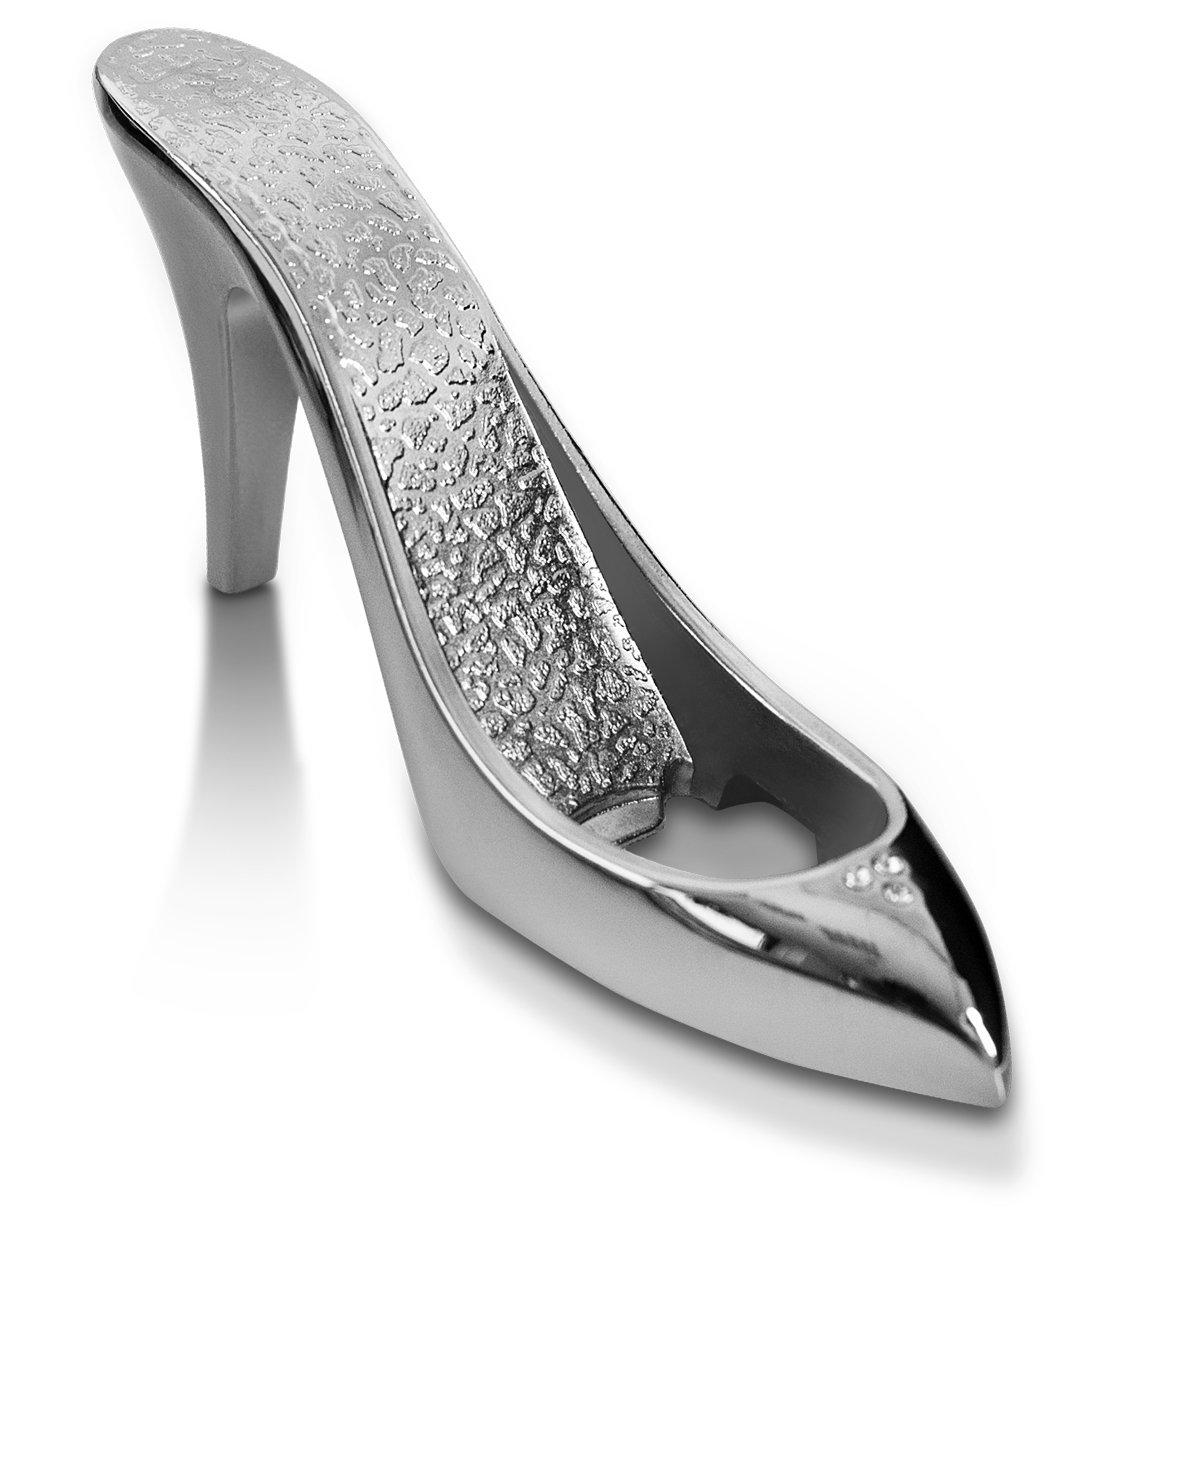 Invotis - Apribottiglie a forma di scarpa IN1615